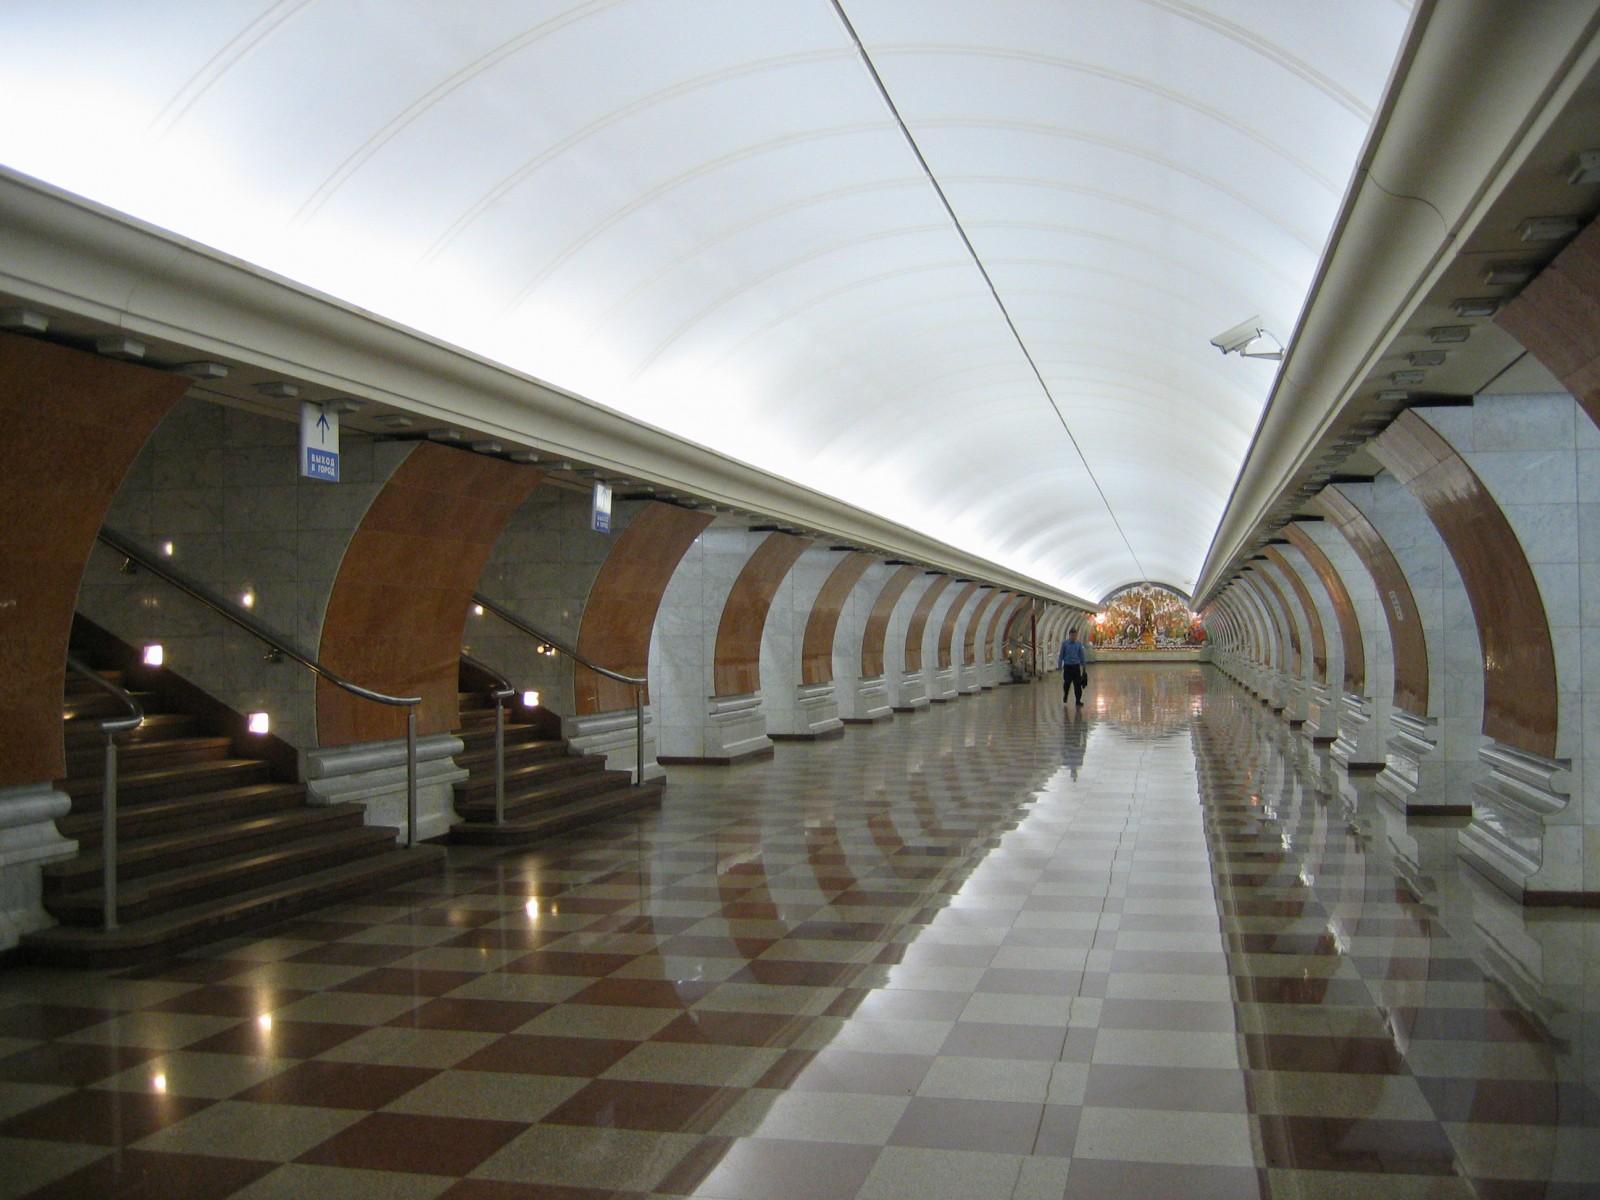 Park Pobedy Station em Moscovo, Rússia